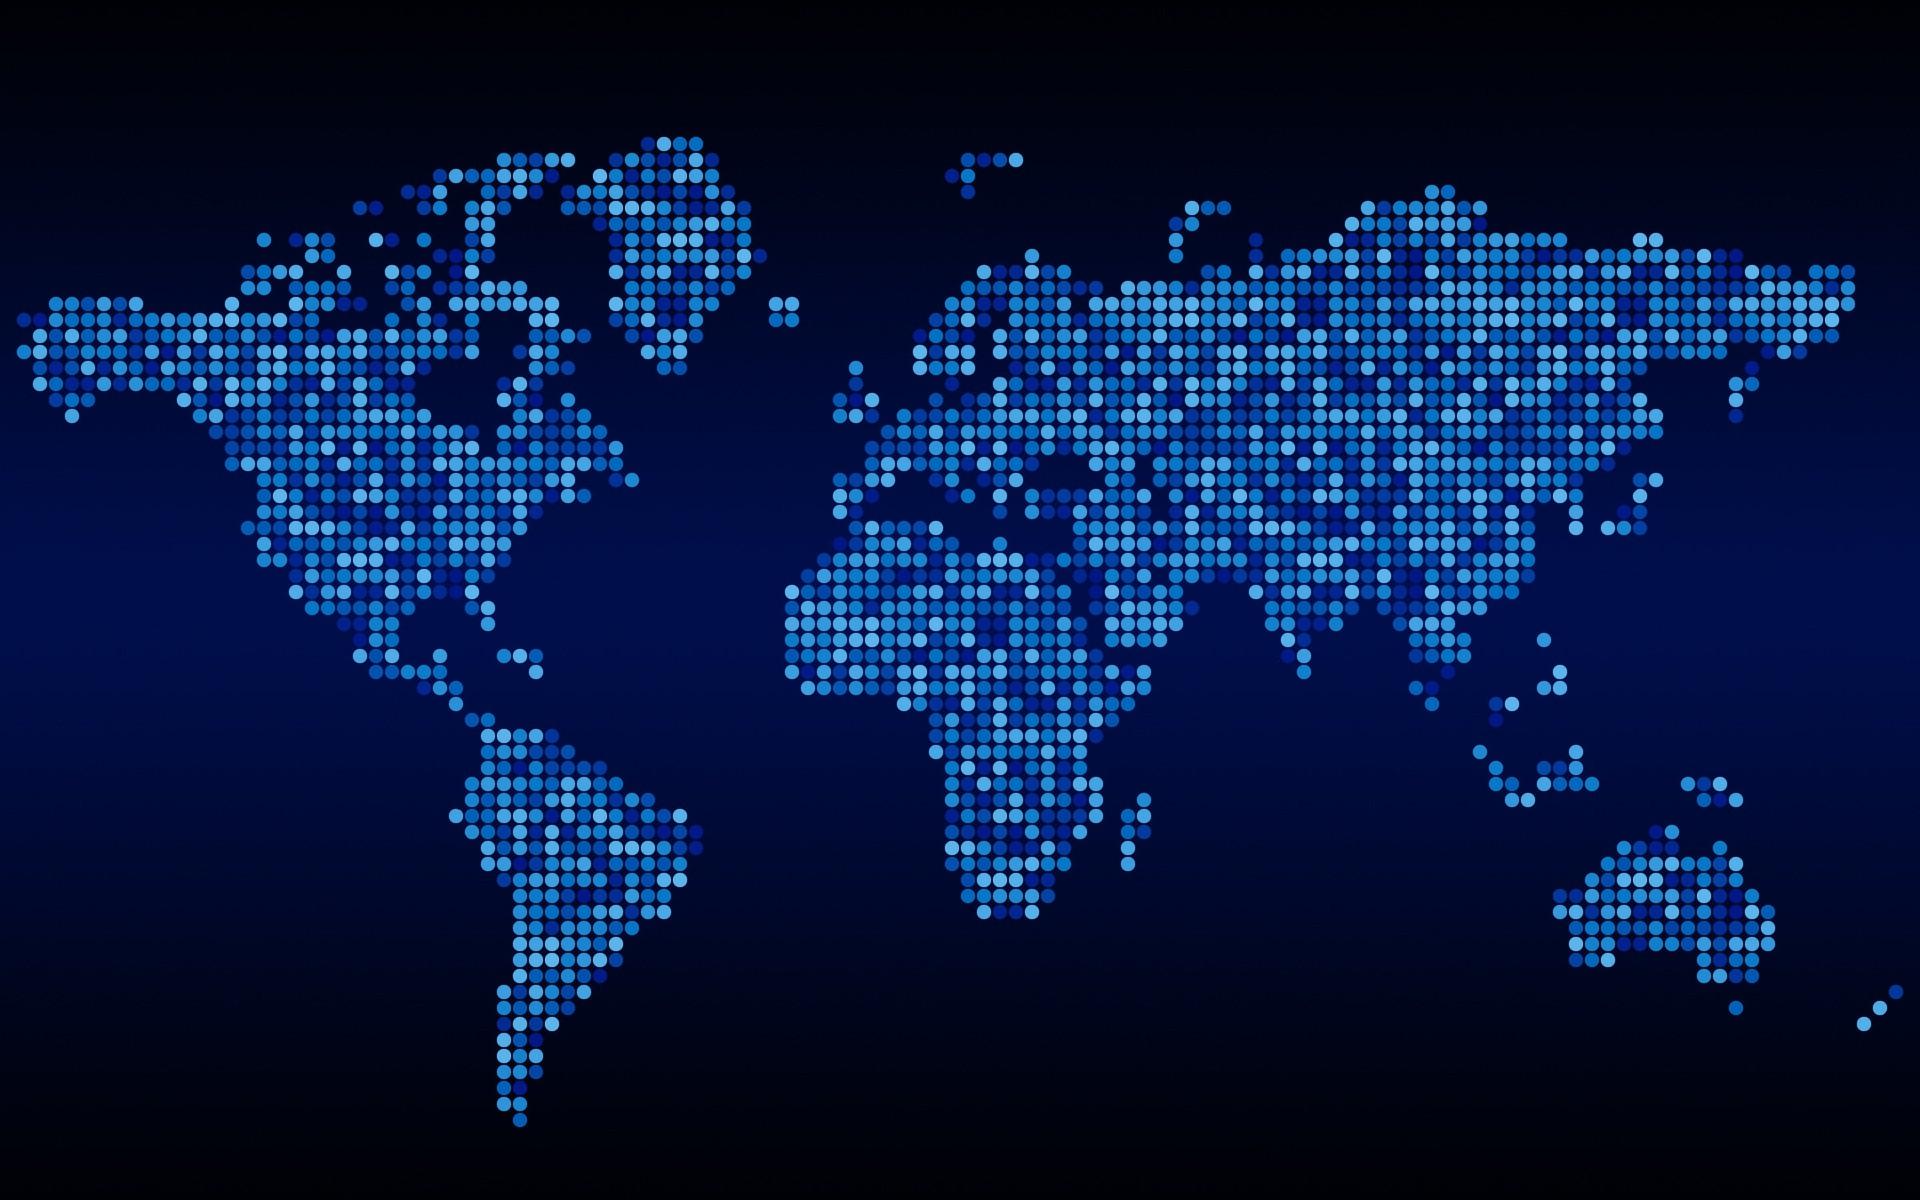 NUESTROS DISTRIBUIDORES - Buscamos alcanzar y servir a nuevos consumidores con la calidad que nos caracteriza. Nuestras alianzas internacionales nos permiten facilitar la exportación y distribución de nuestros productos y servicios, favoreciendo a nuestros distribuidores con sistemas certificados de primera calidad mundial.